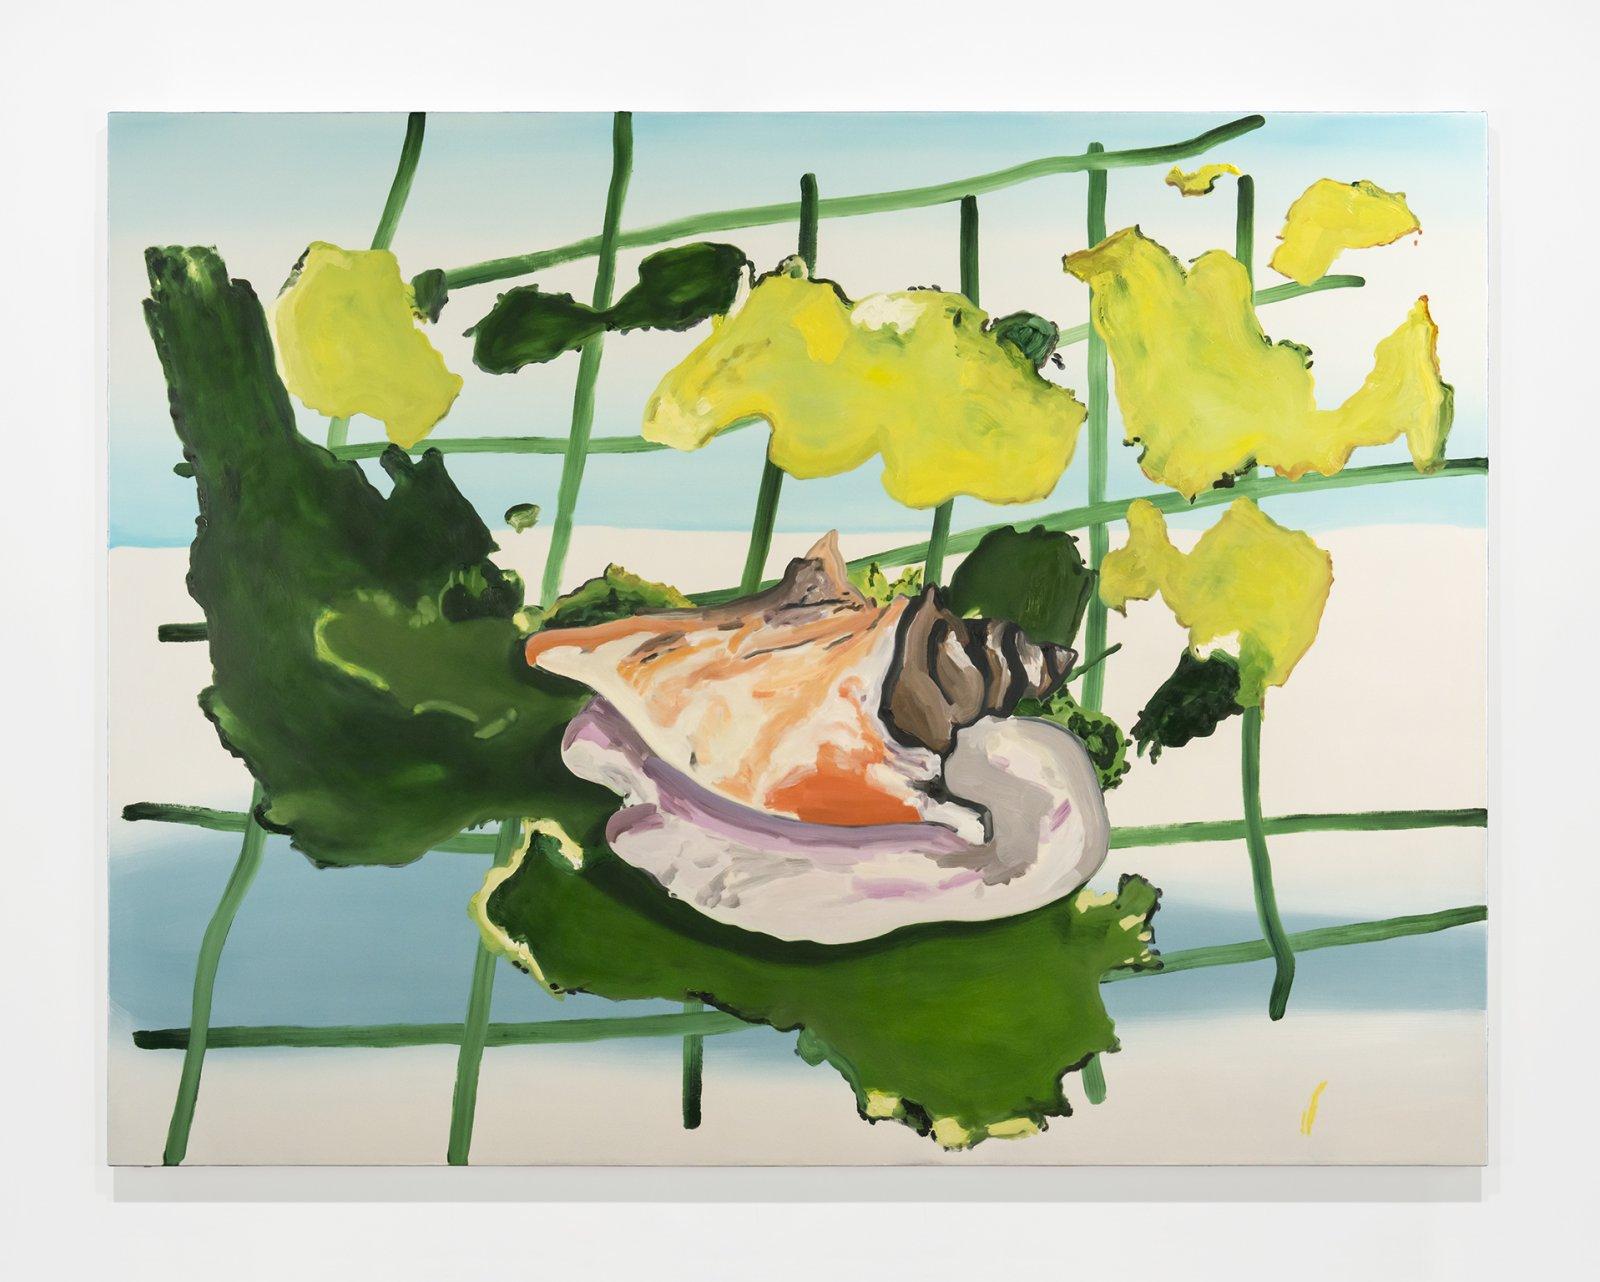 Elizabeth McIntosh, Conch, 2019, oil on canvas, 65 x 85 in. (165 x 216 cm) by Elizabeth McIntosh